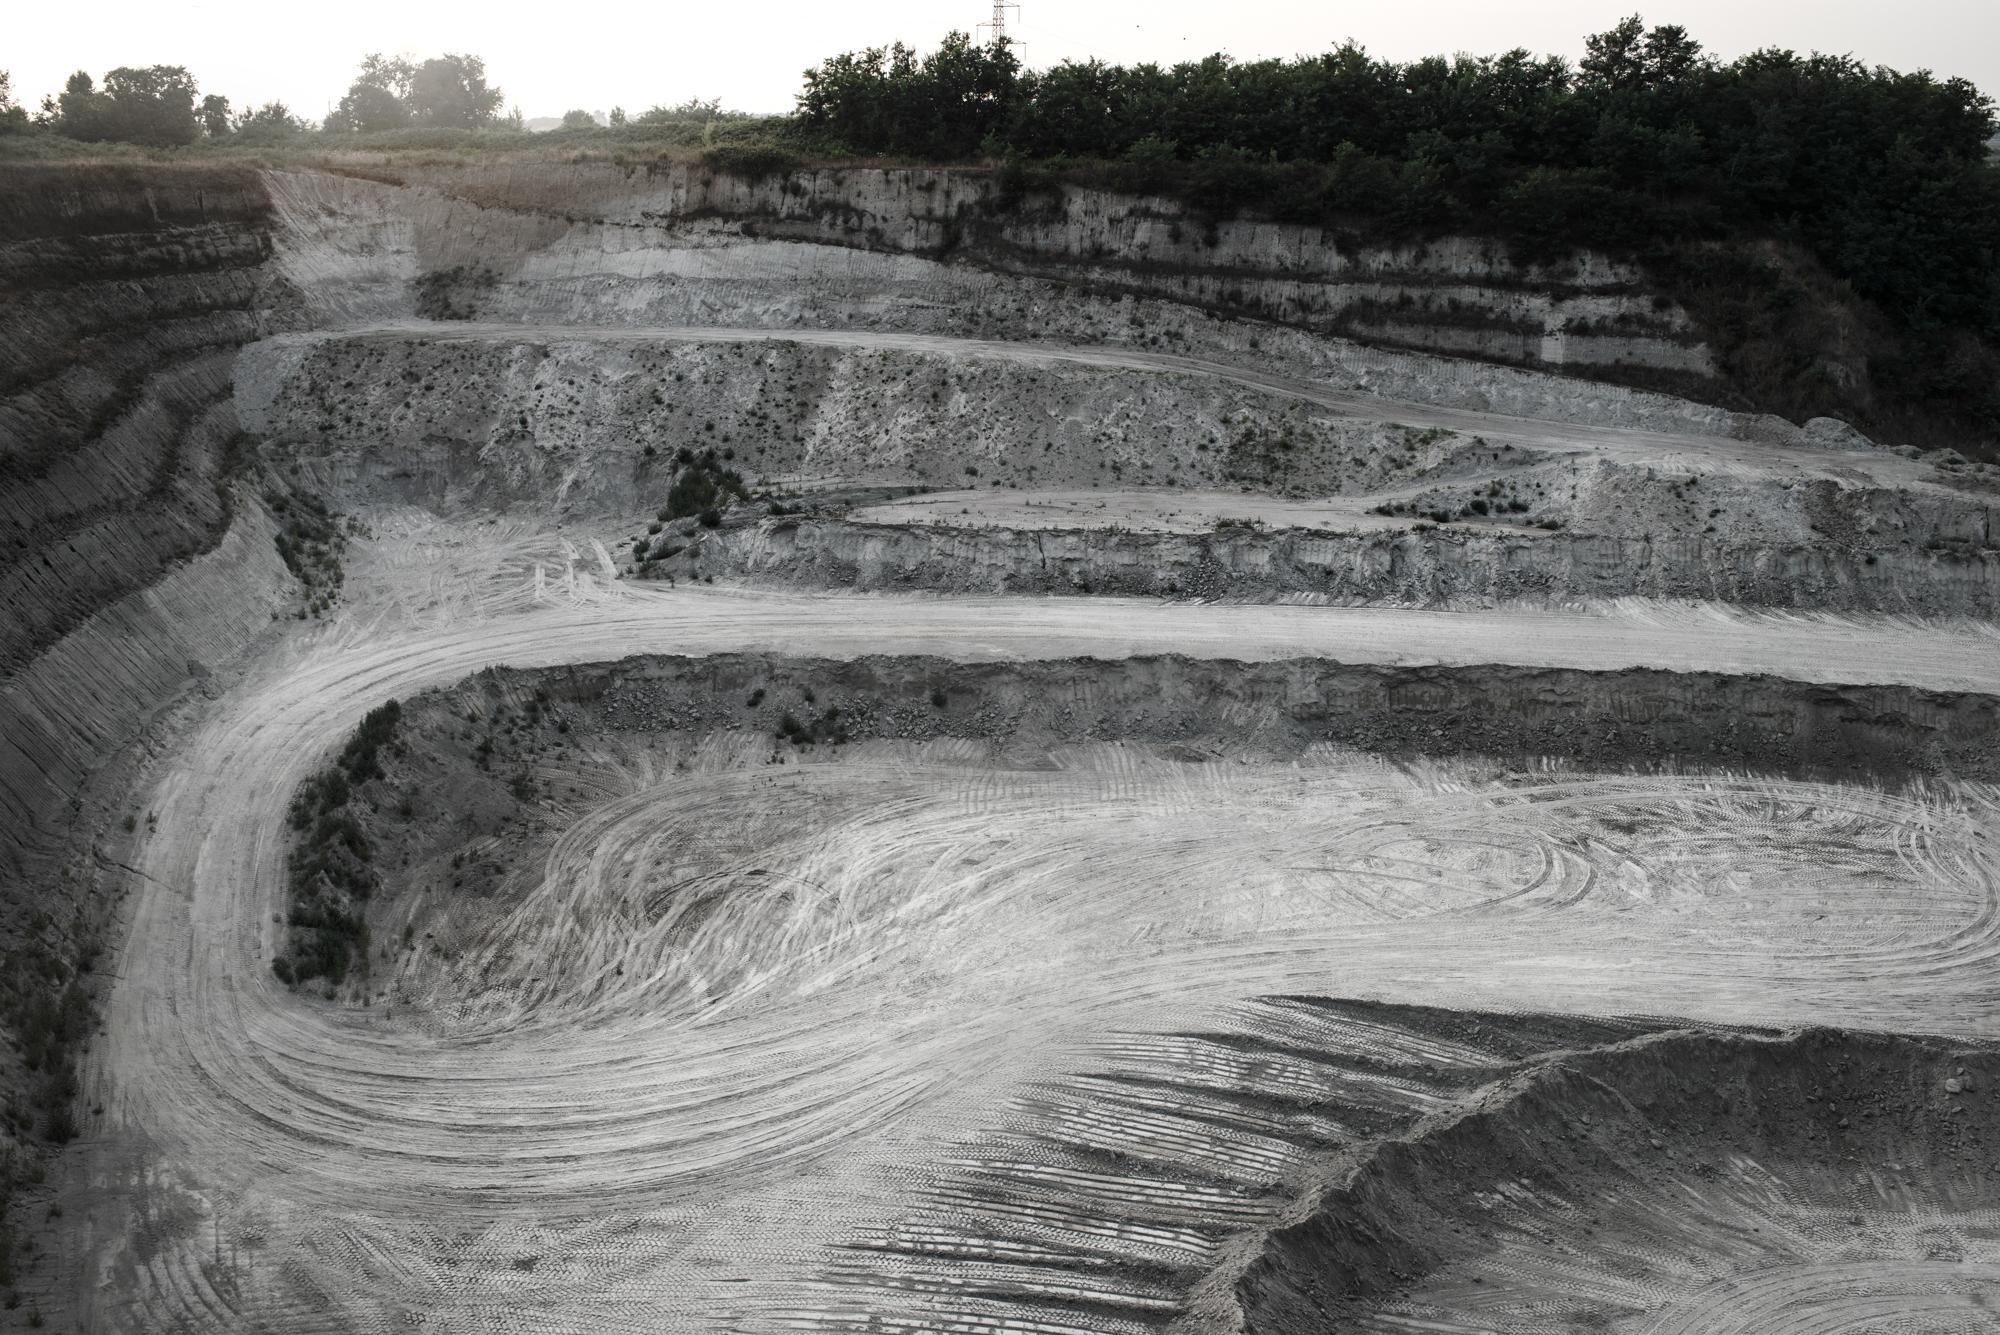 Discarica  Settecainati,  Giugliano, (NA), 2015. E' una delle più grandi discariche d'Europa, adibita a deposito di materiale di risulta.